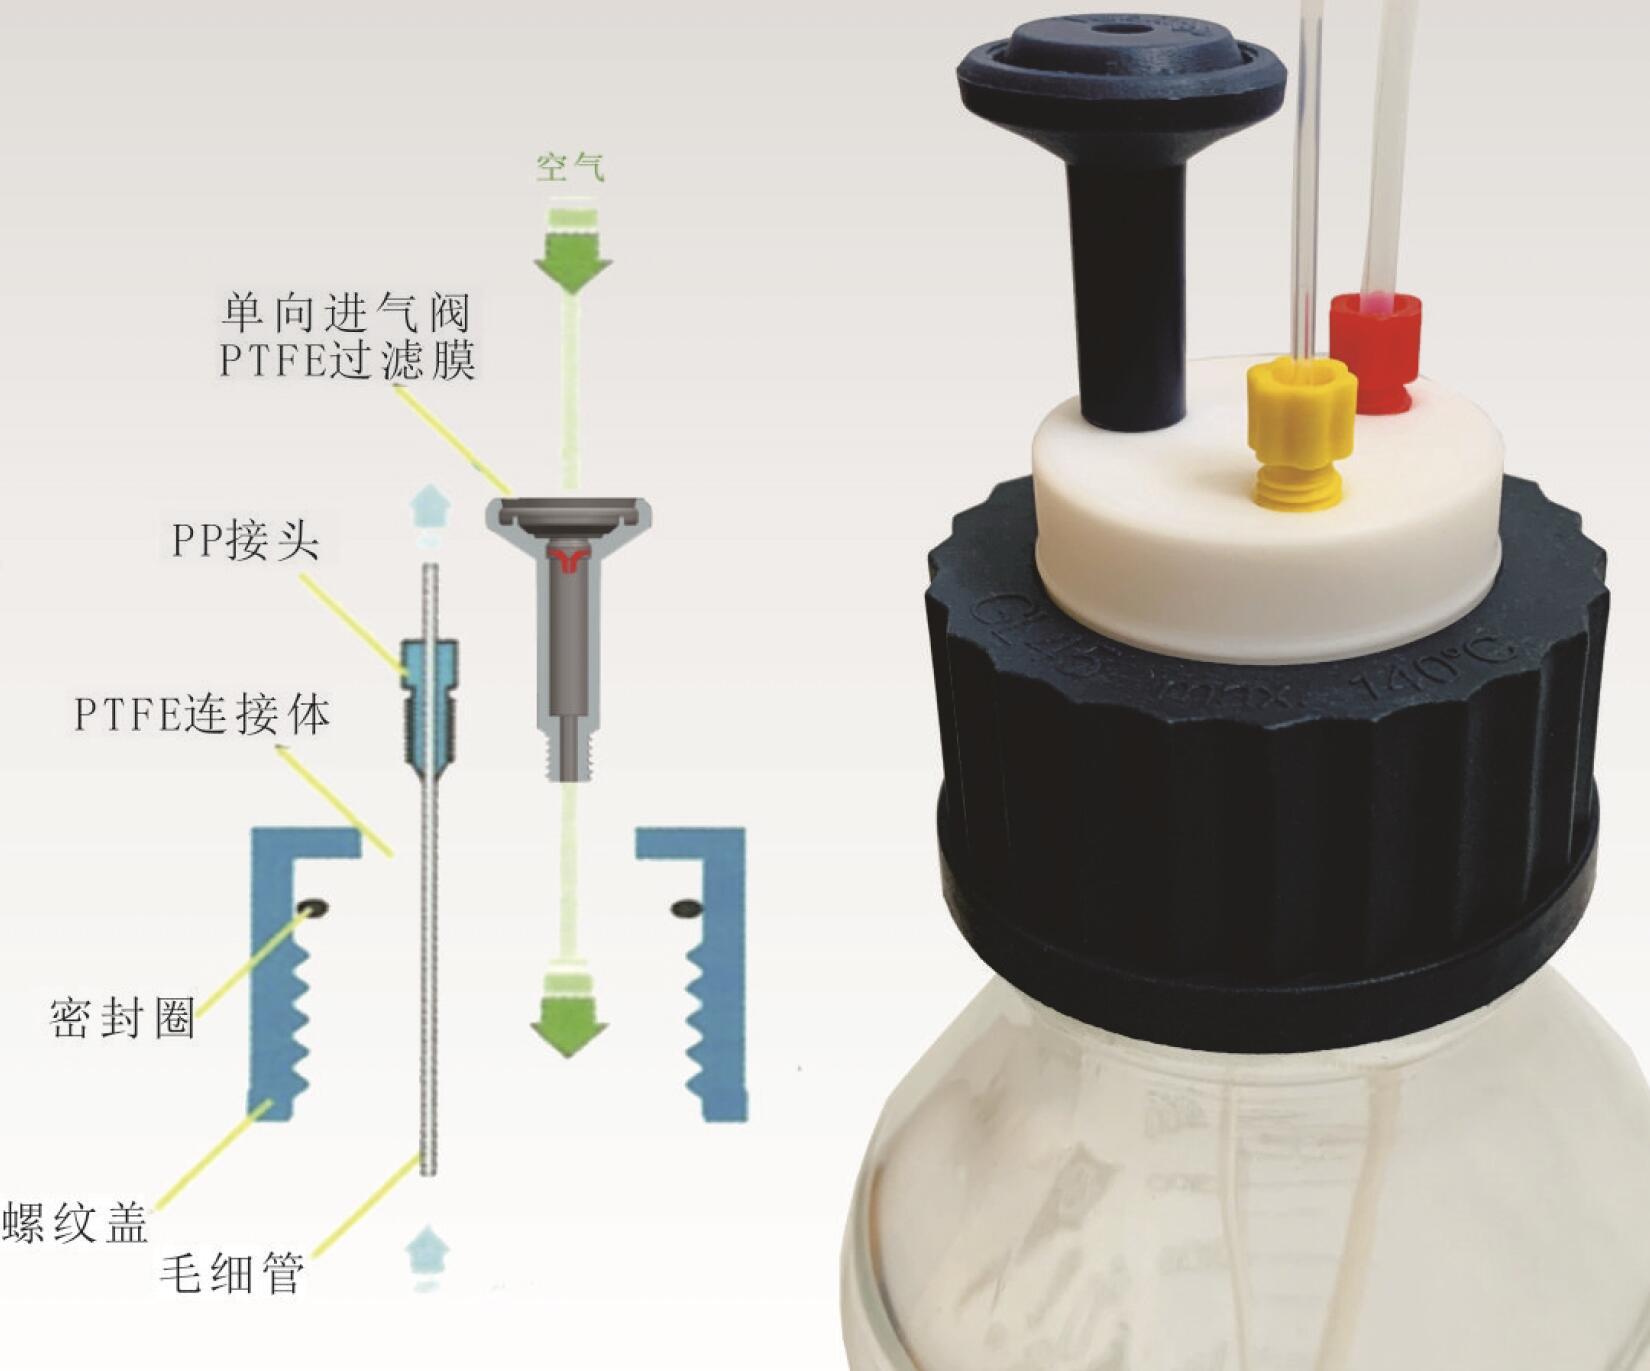 用于 HPLC 系统的Laboratory Safety Cap溶剂瓶安全盖 | 诺必思